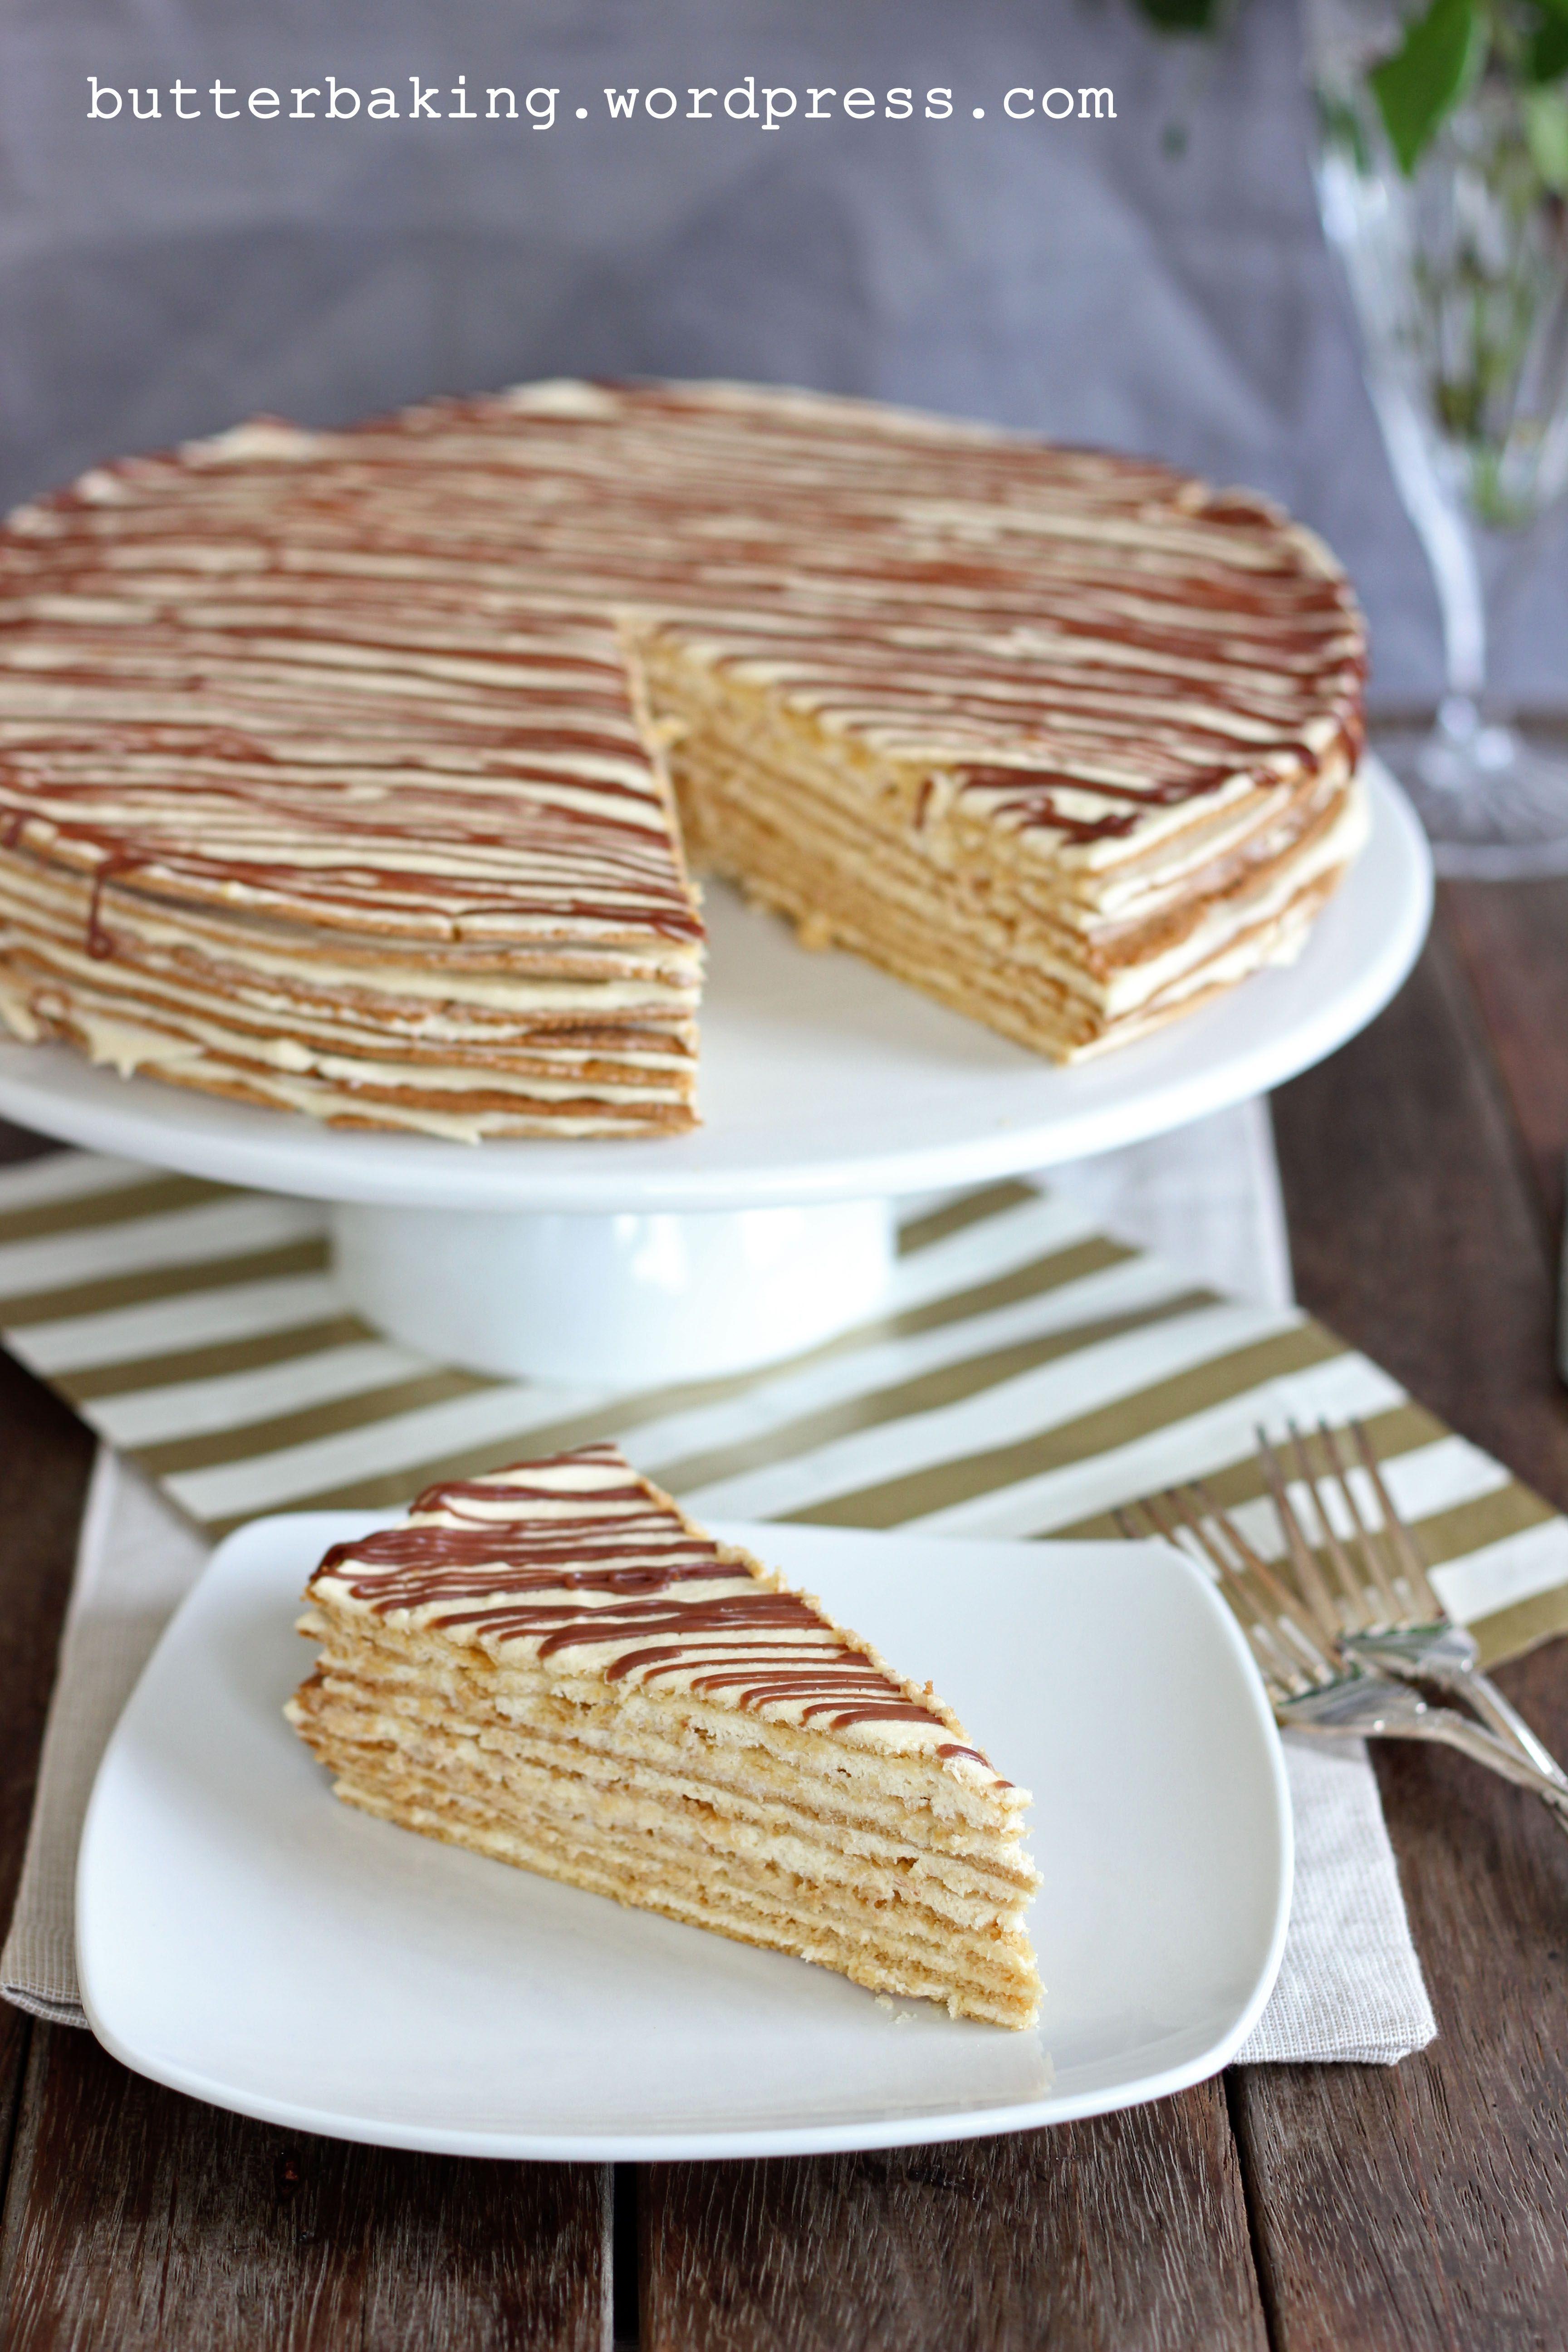 Polish Icebox Cake (Miodowiec)